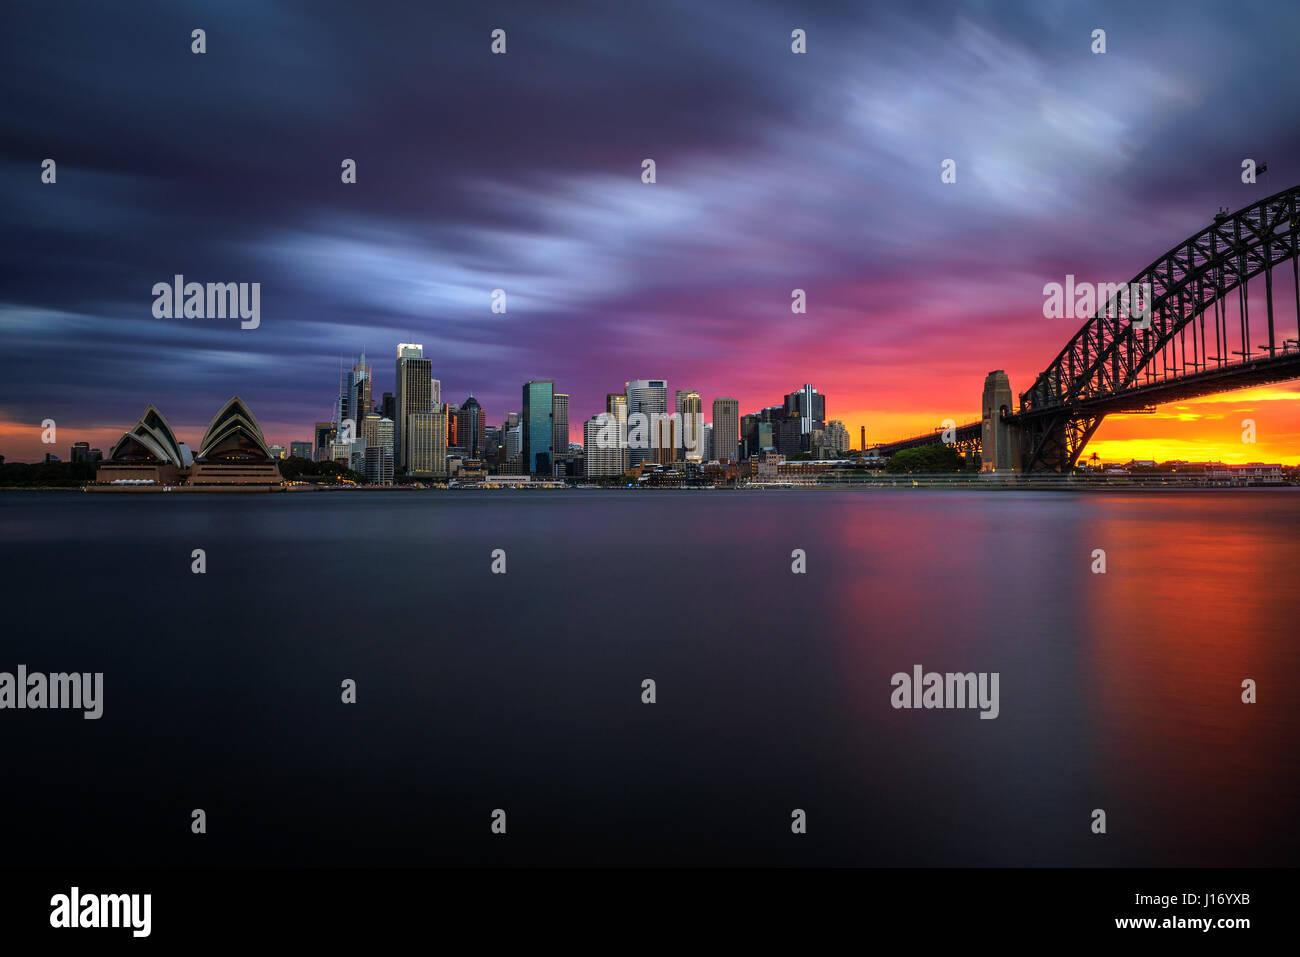 Sonnenuntergang Skyline von downtown Sydney Harbour Bridge, New South Wales, Australien. Langzeitbelichtung. Stockbild